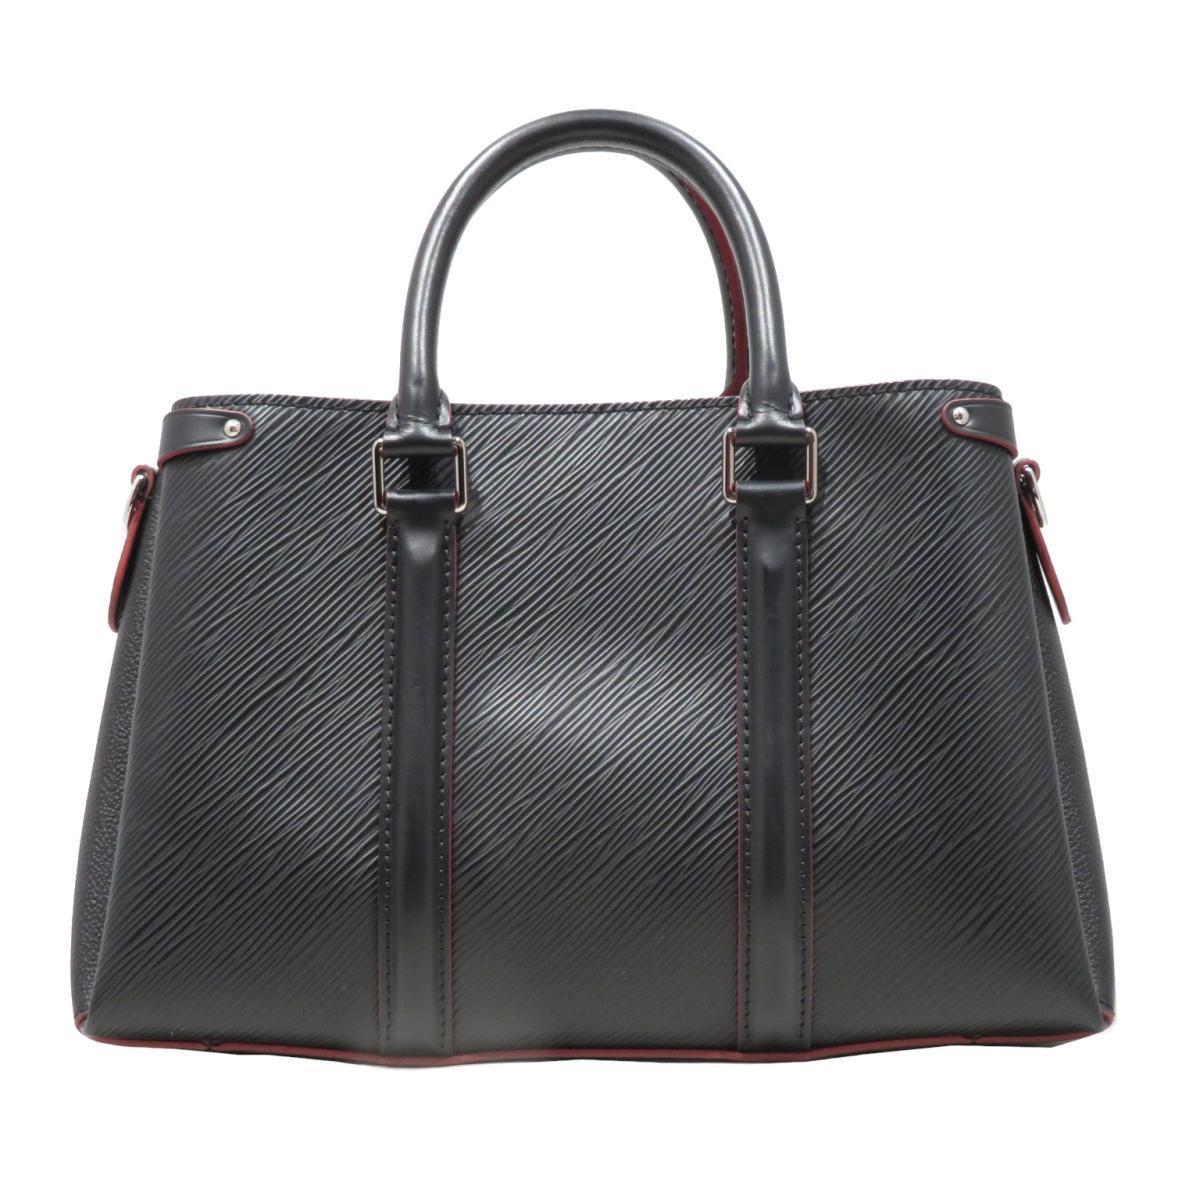 LOUIS VUITTON Soufflet NV BB Handbag Ladies Black Noir Epi Leather (M55613)